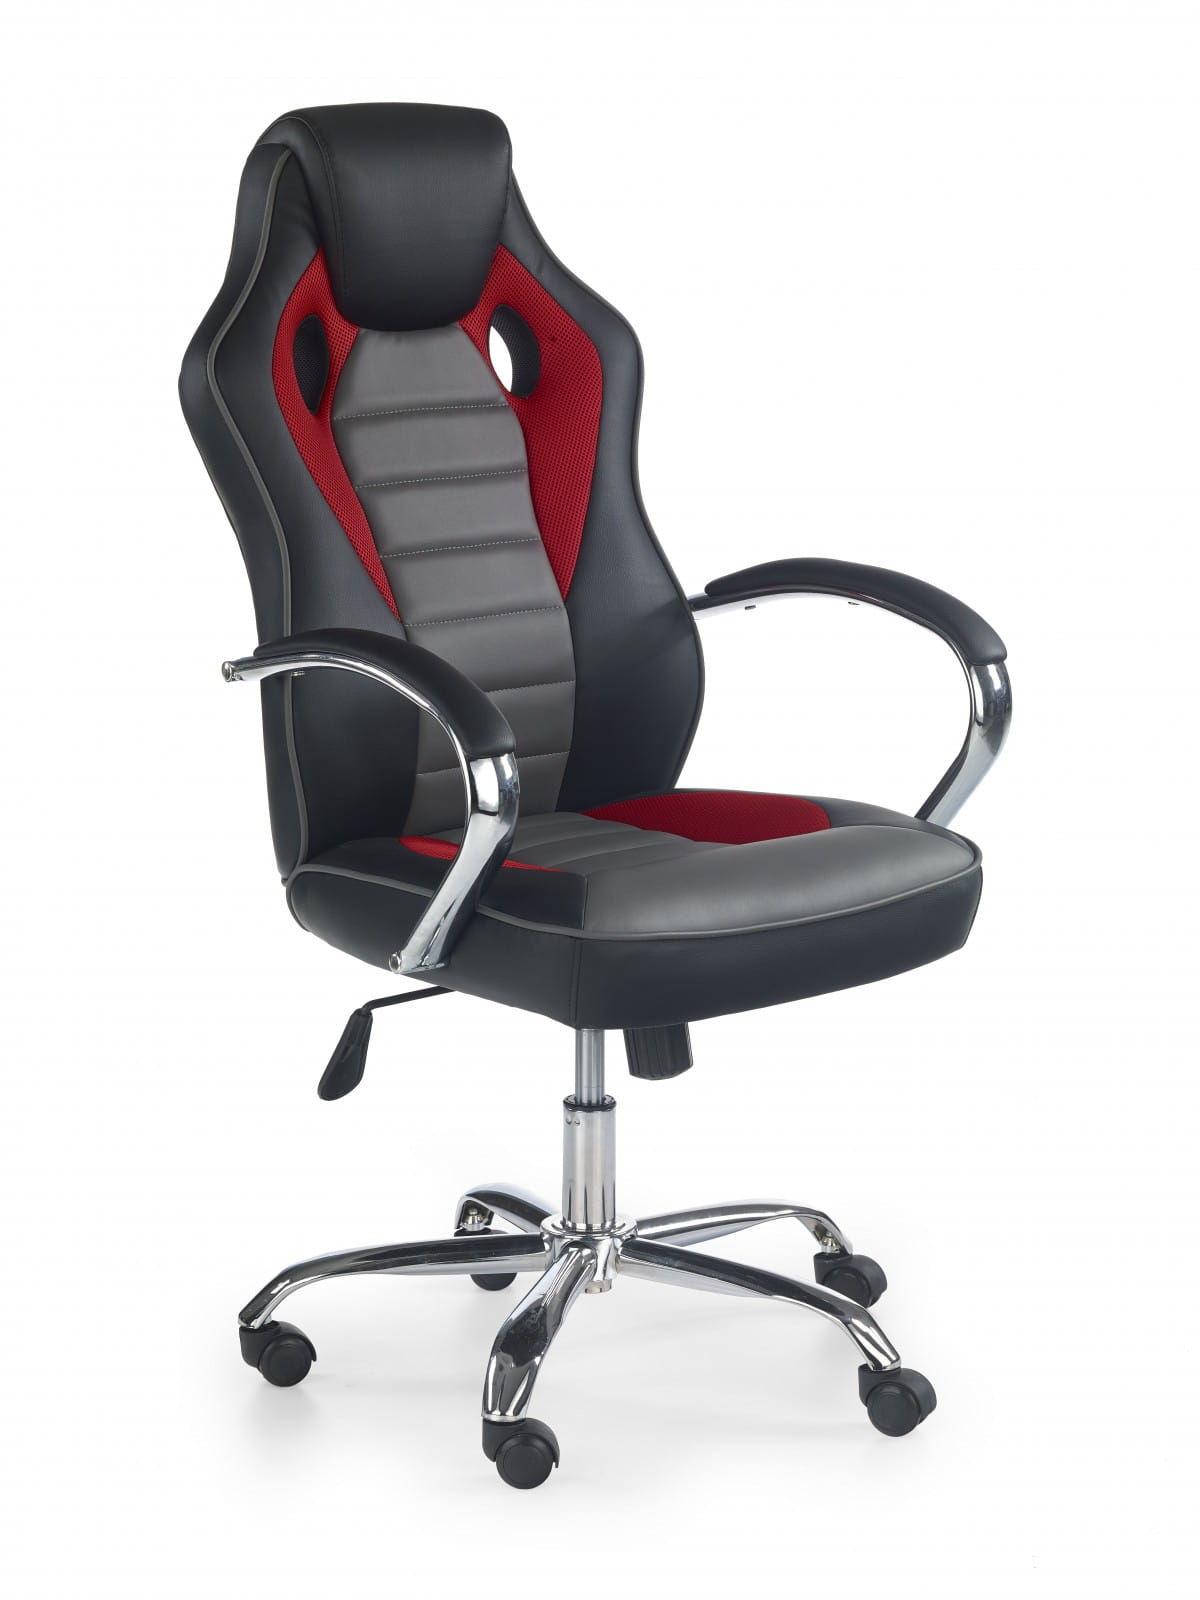 fotel gamingowy Halmar SCROLL czarny czerwony popielaty